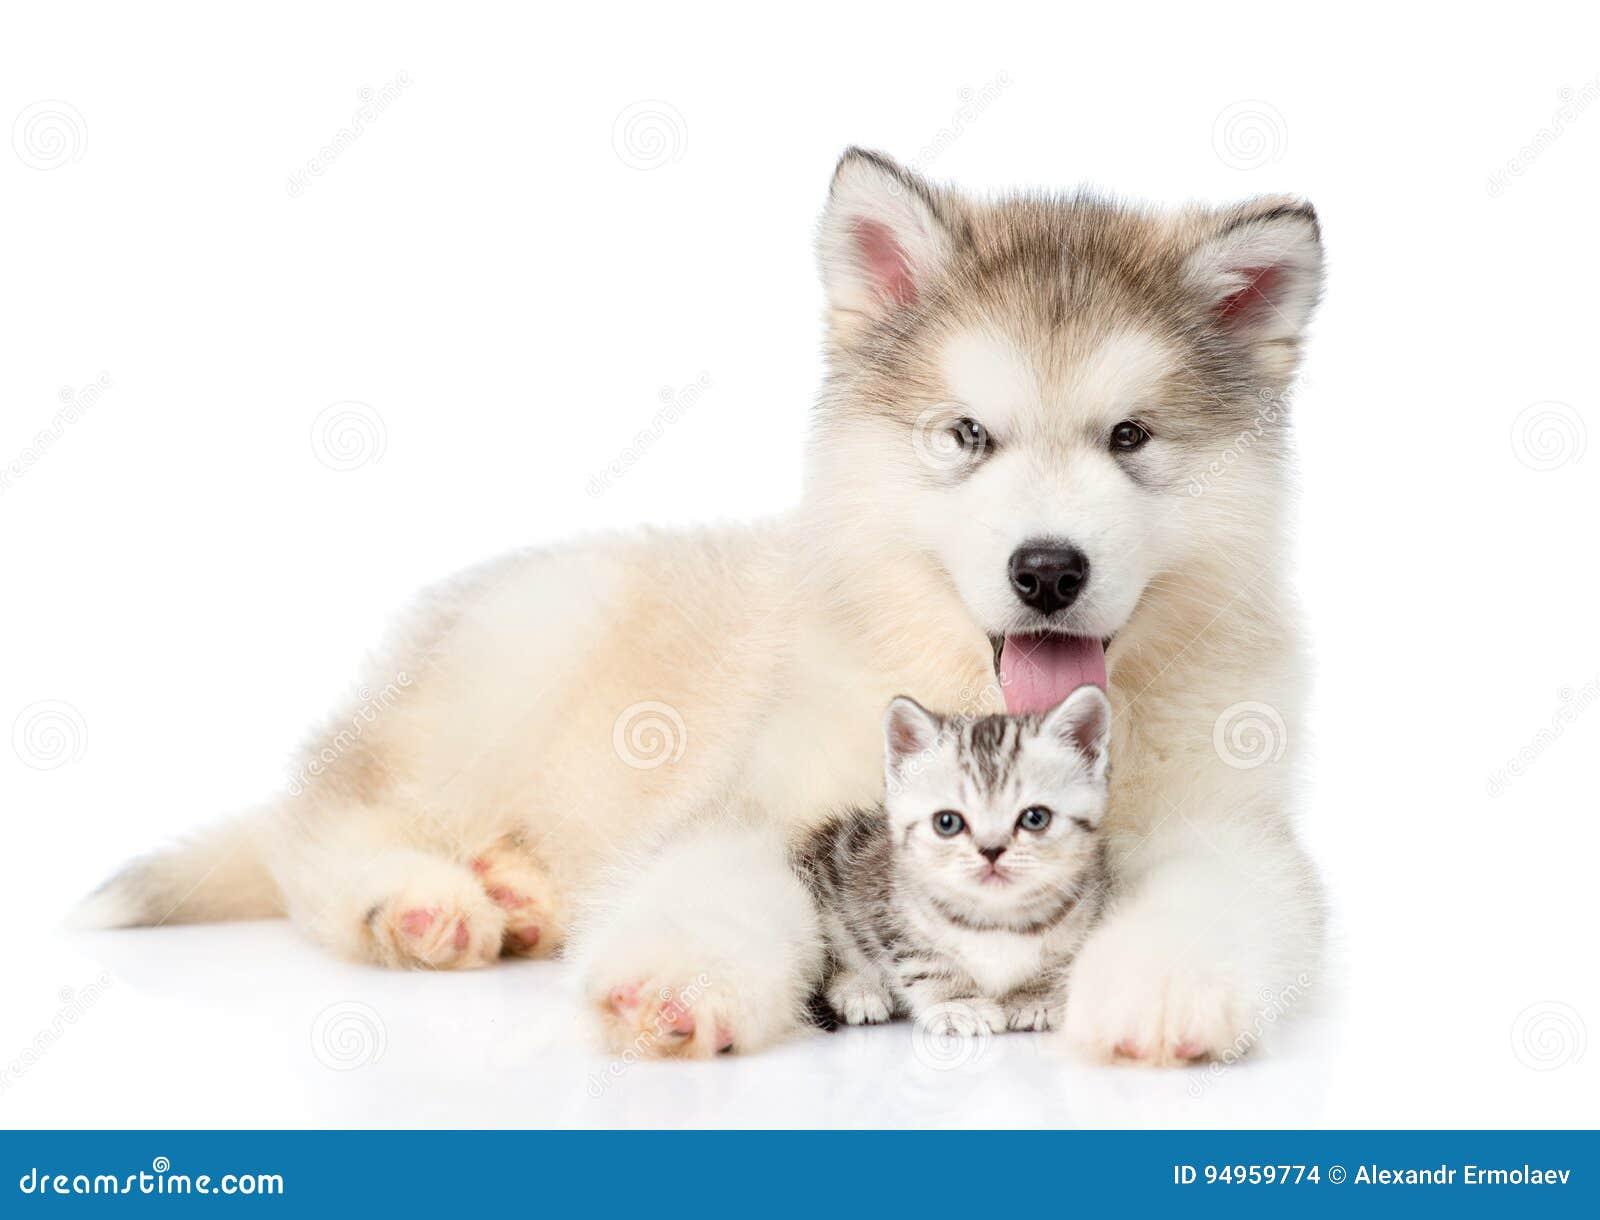 阿拉斯加的爱斯基摩狗小狗拥抱微小的小猫 查出在白色